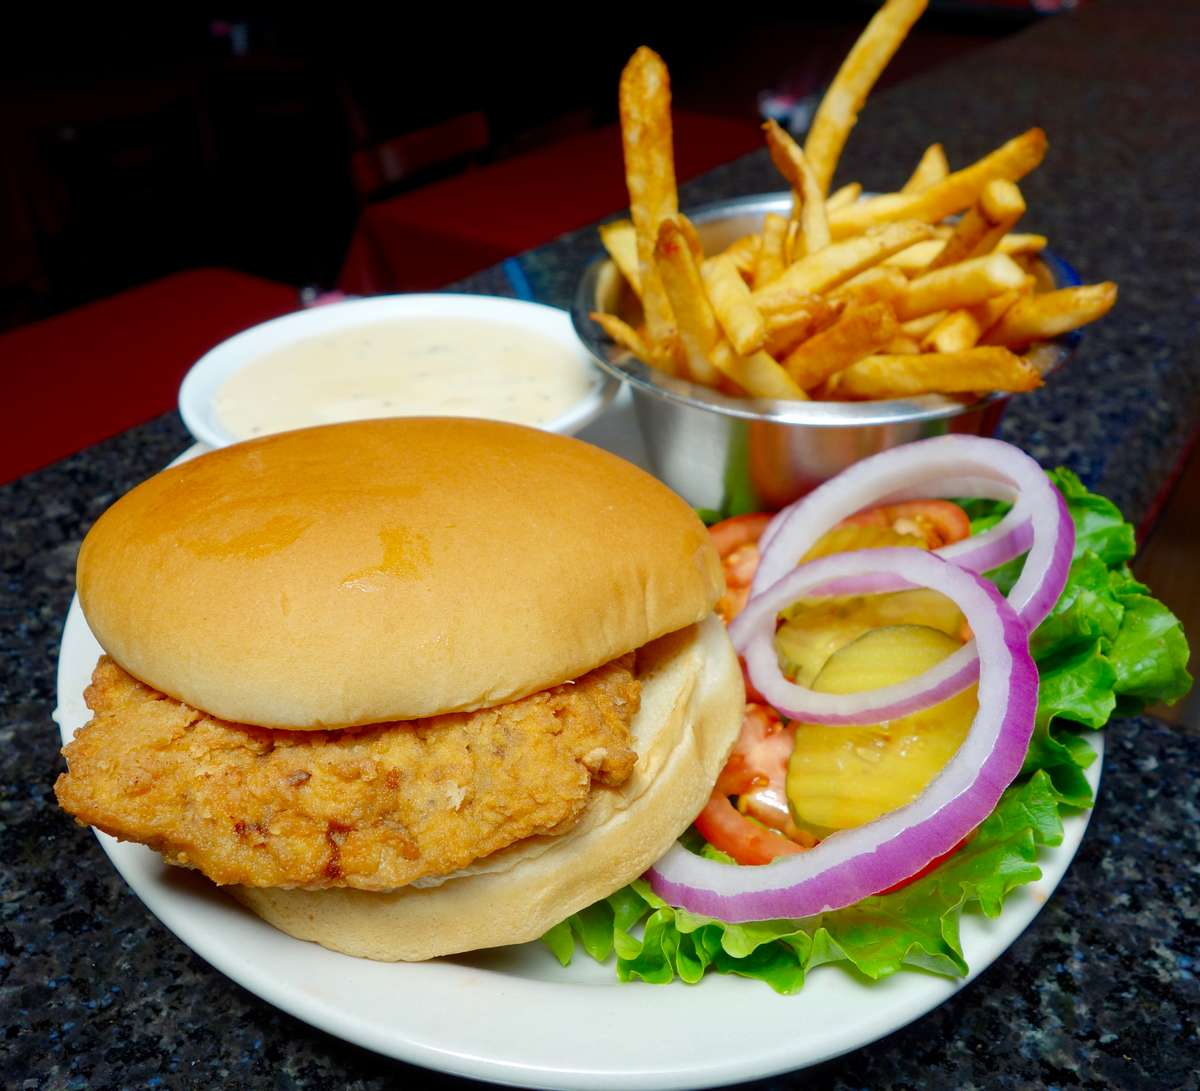 Duke's Chicken Fried Steak Sandwich